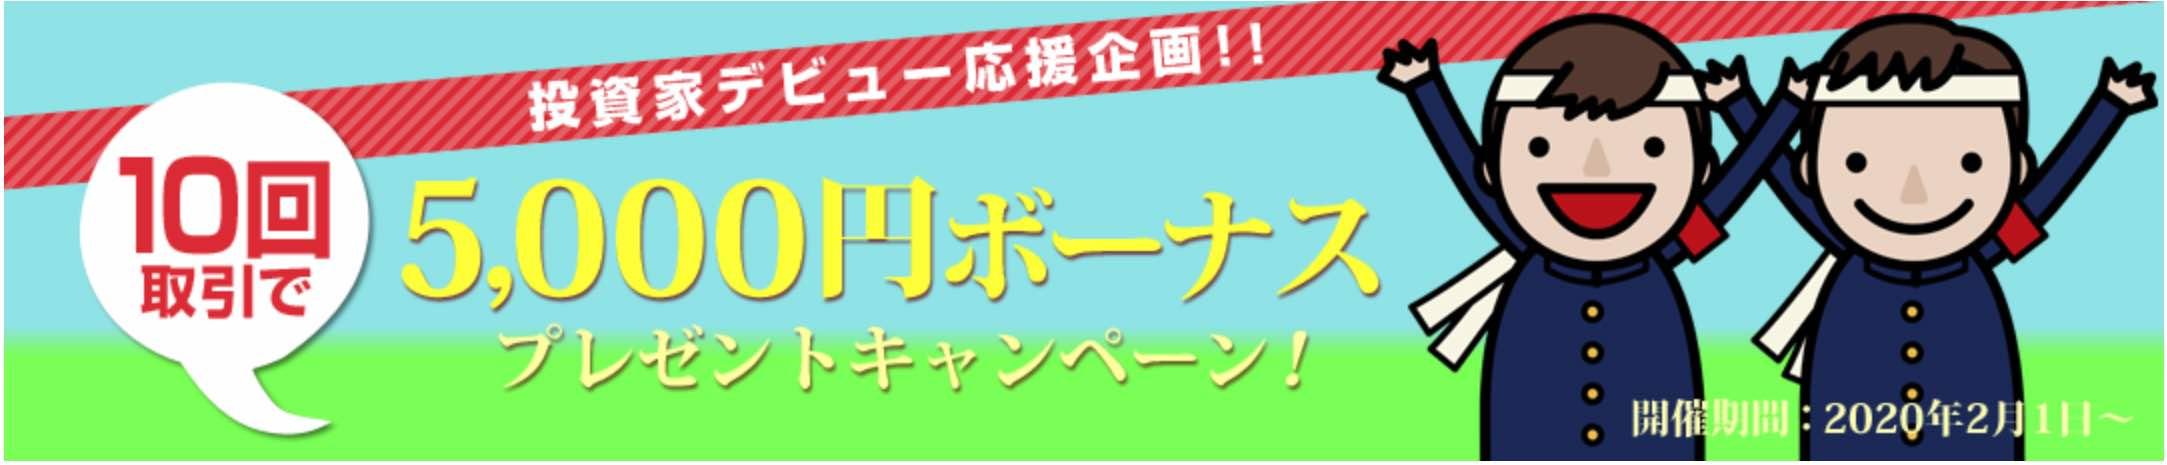 10回取引で5,000円ボーナスキャンペーン!